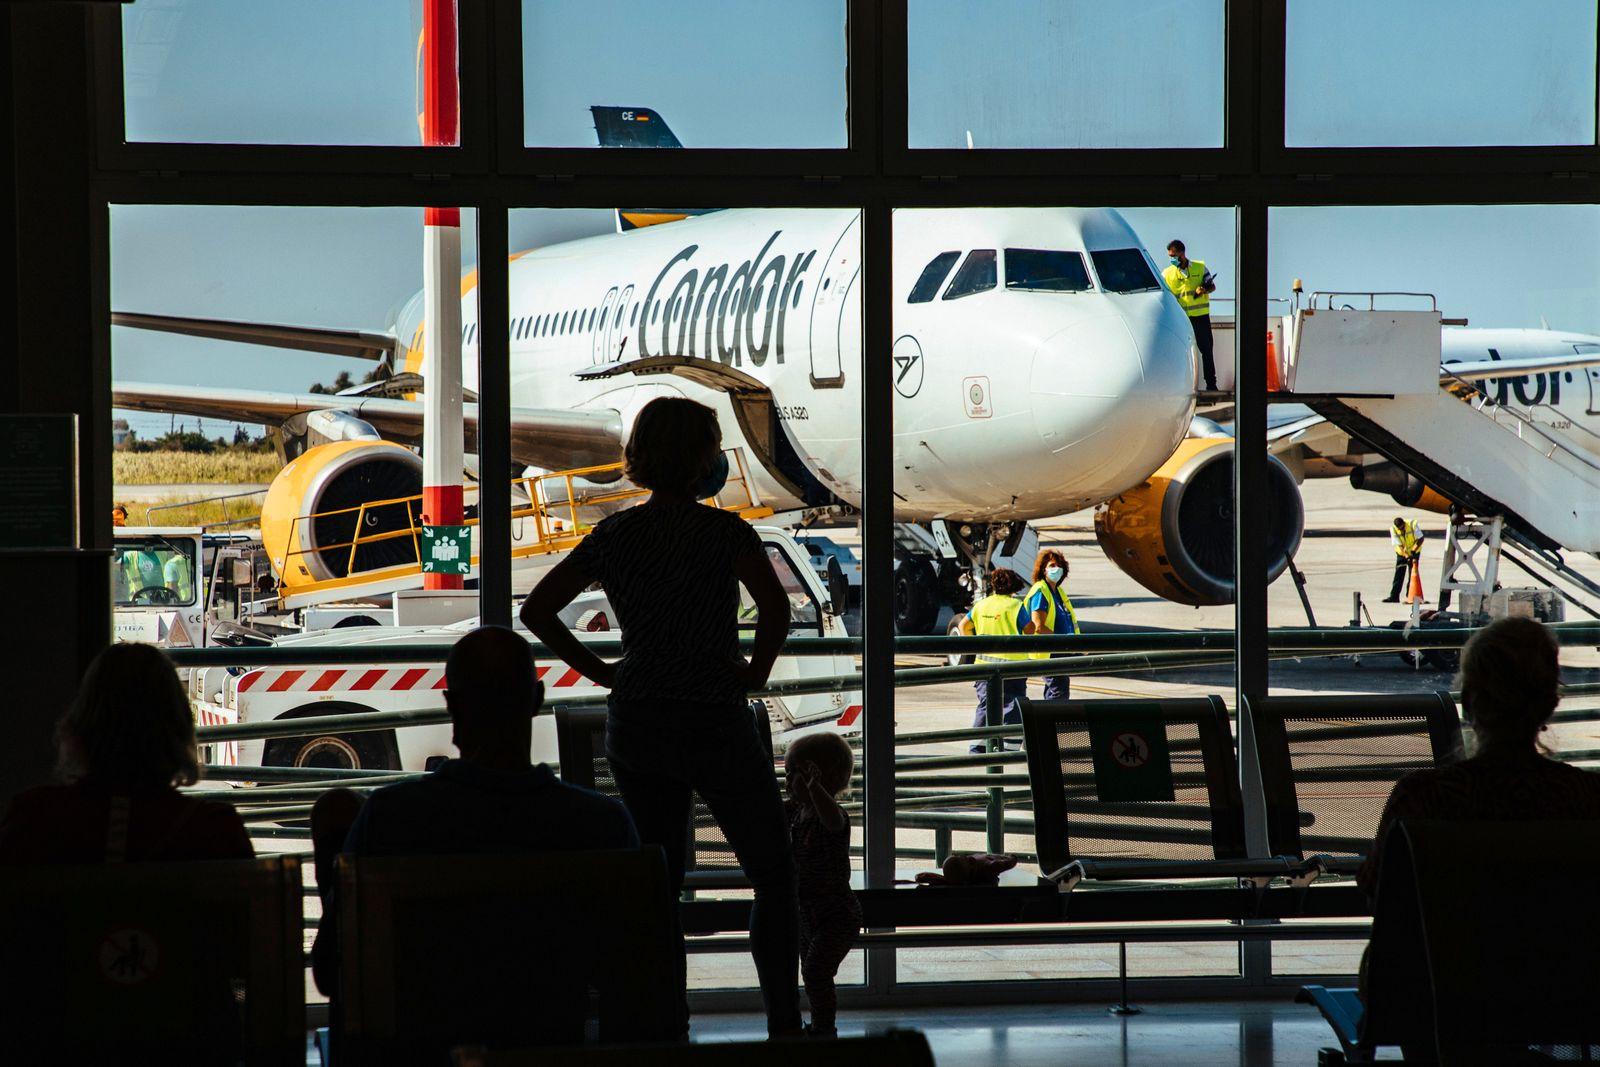 Condor Maschine auf dem Flughafen Samos